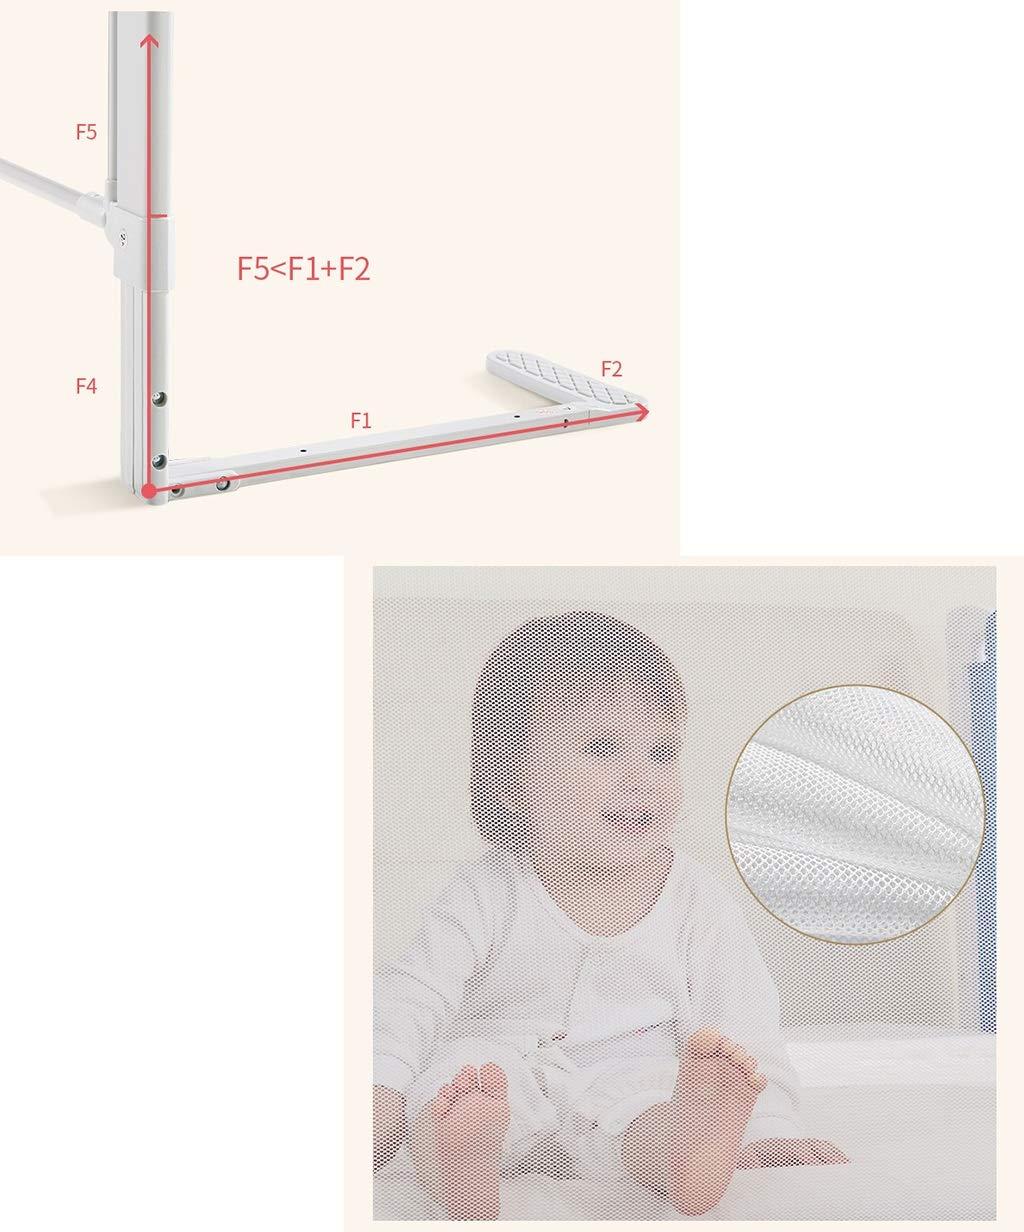 Säuglingszaun, Multifunktions-Erhöhungs-Bett-Sicherheits-Schutzzaun Baby-Kriechen, Baby-Kriechen, Baby-Kriechen, Das lernt, Anti-Fall Zaun, 1.5-2M zu Gehen B07JQXK6JX Firstzelte Super Handwerkskunst c35f8c